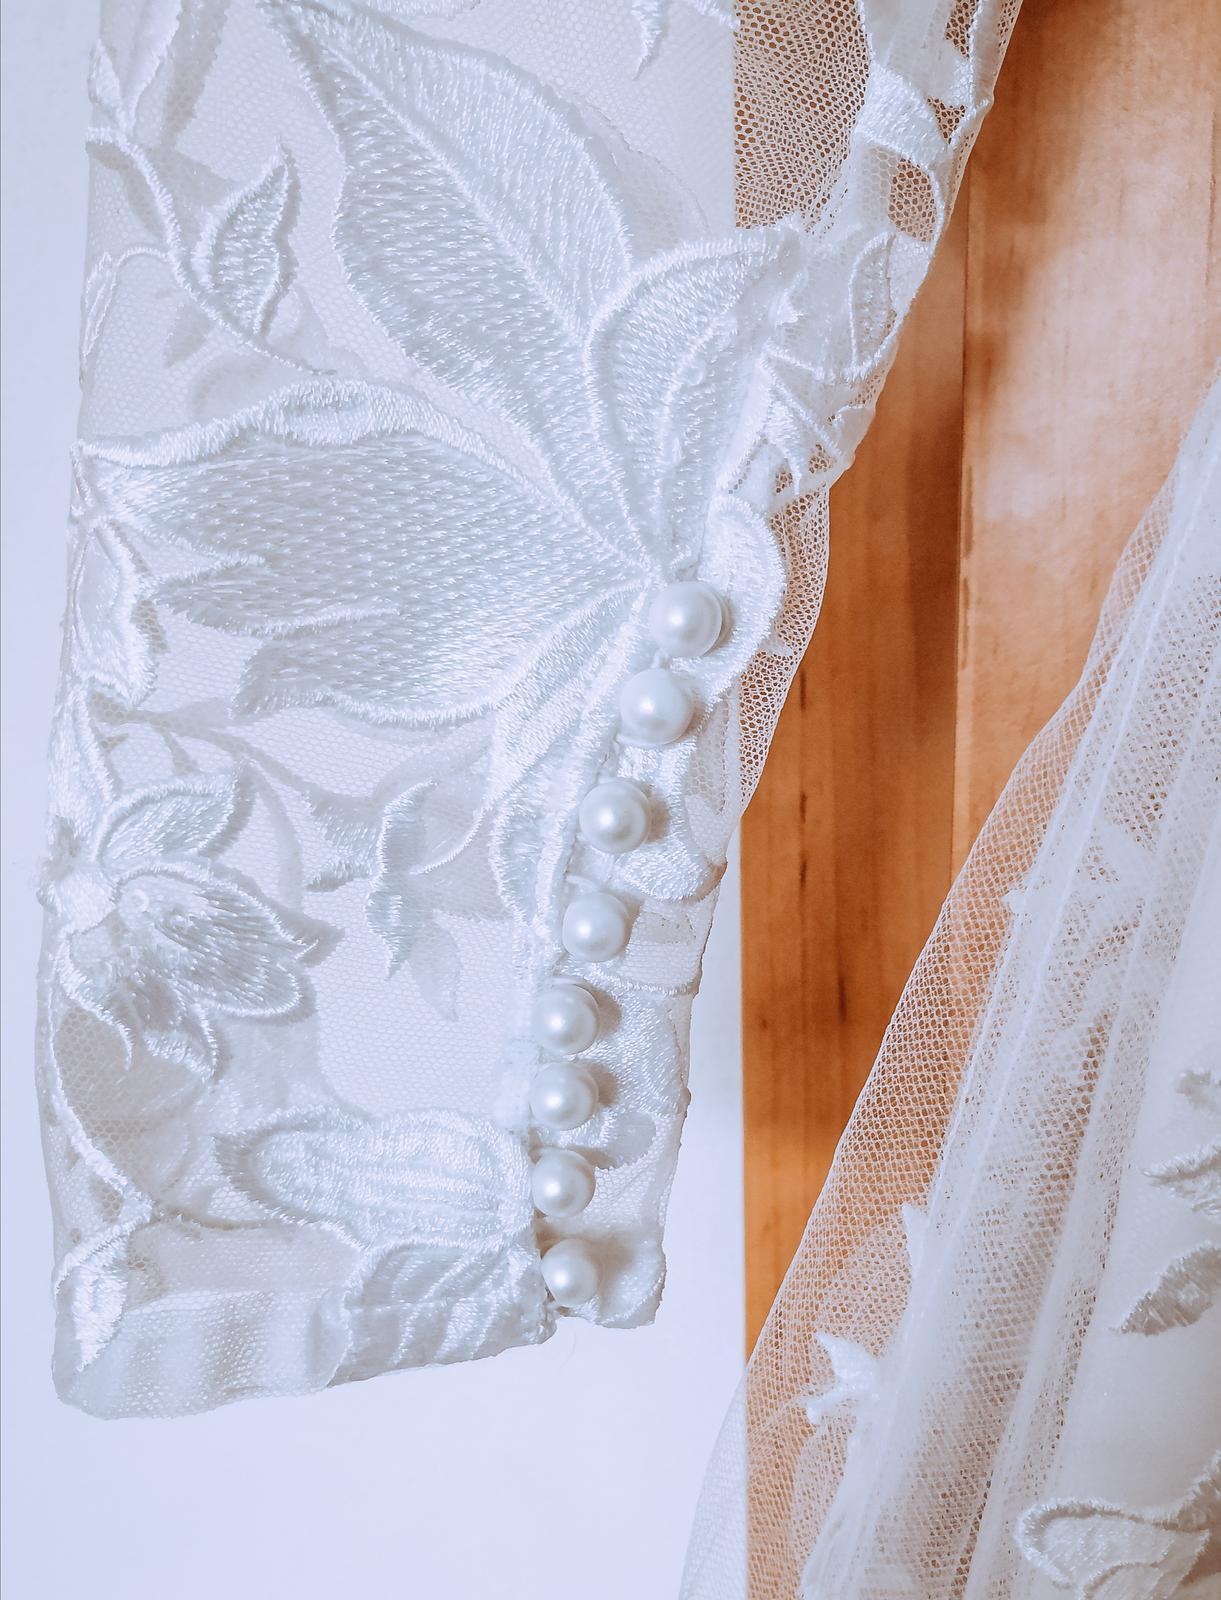 REZERVACE Svatební šaty - krajka, perličkY - Obrázek č. 3